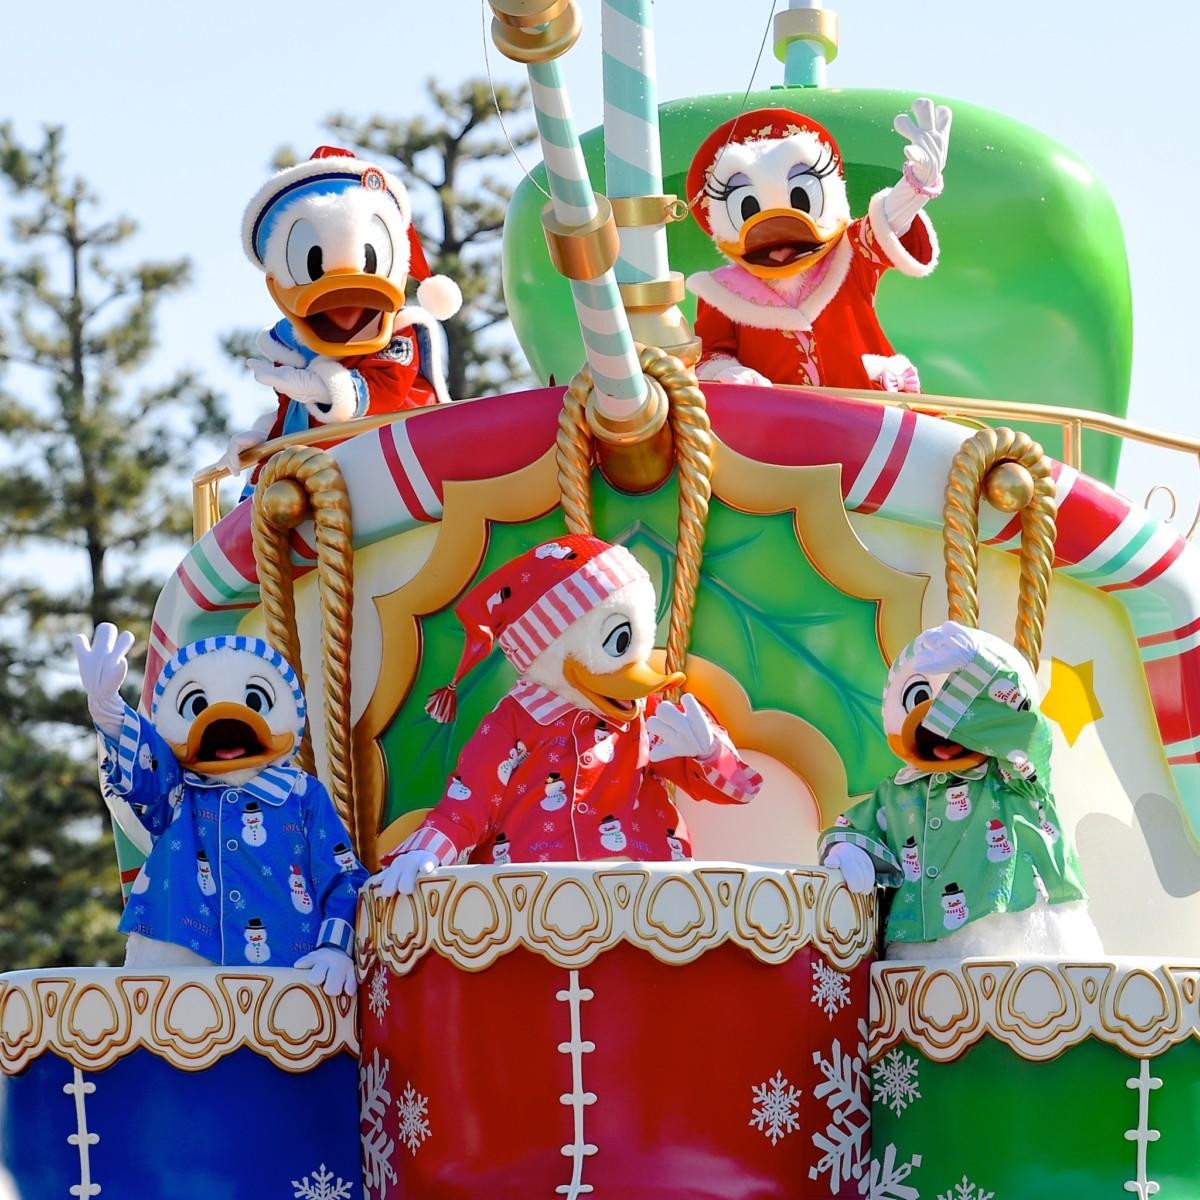 デイタイムパレード「ディズニー・クリスマスストーリーズ」